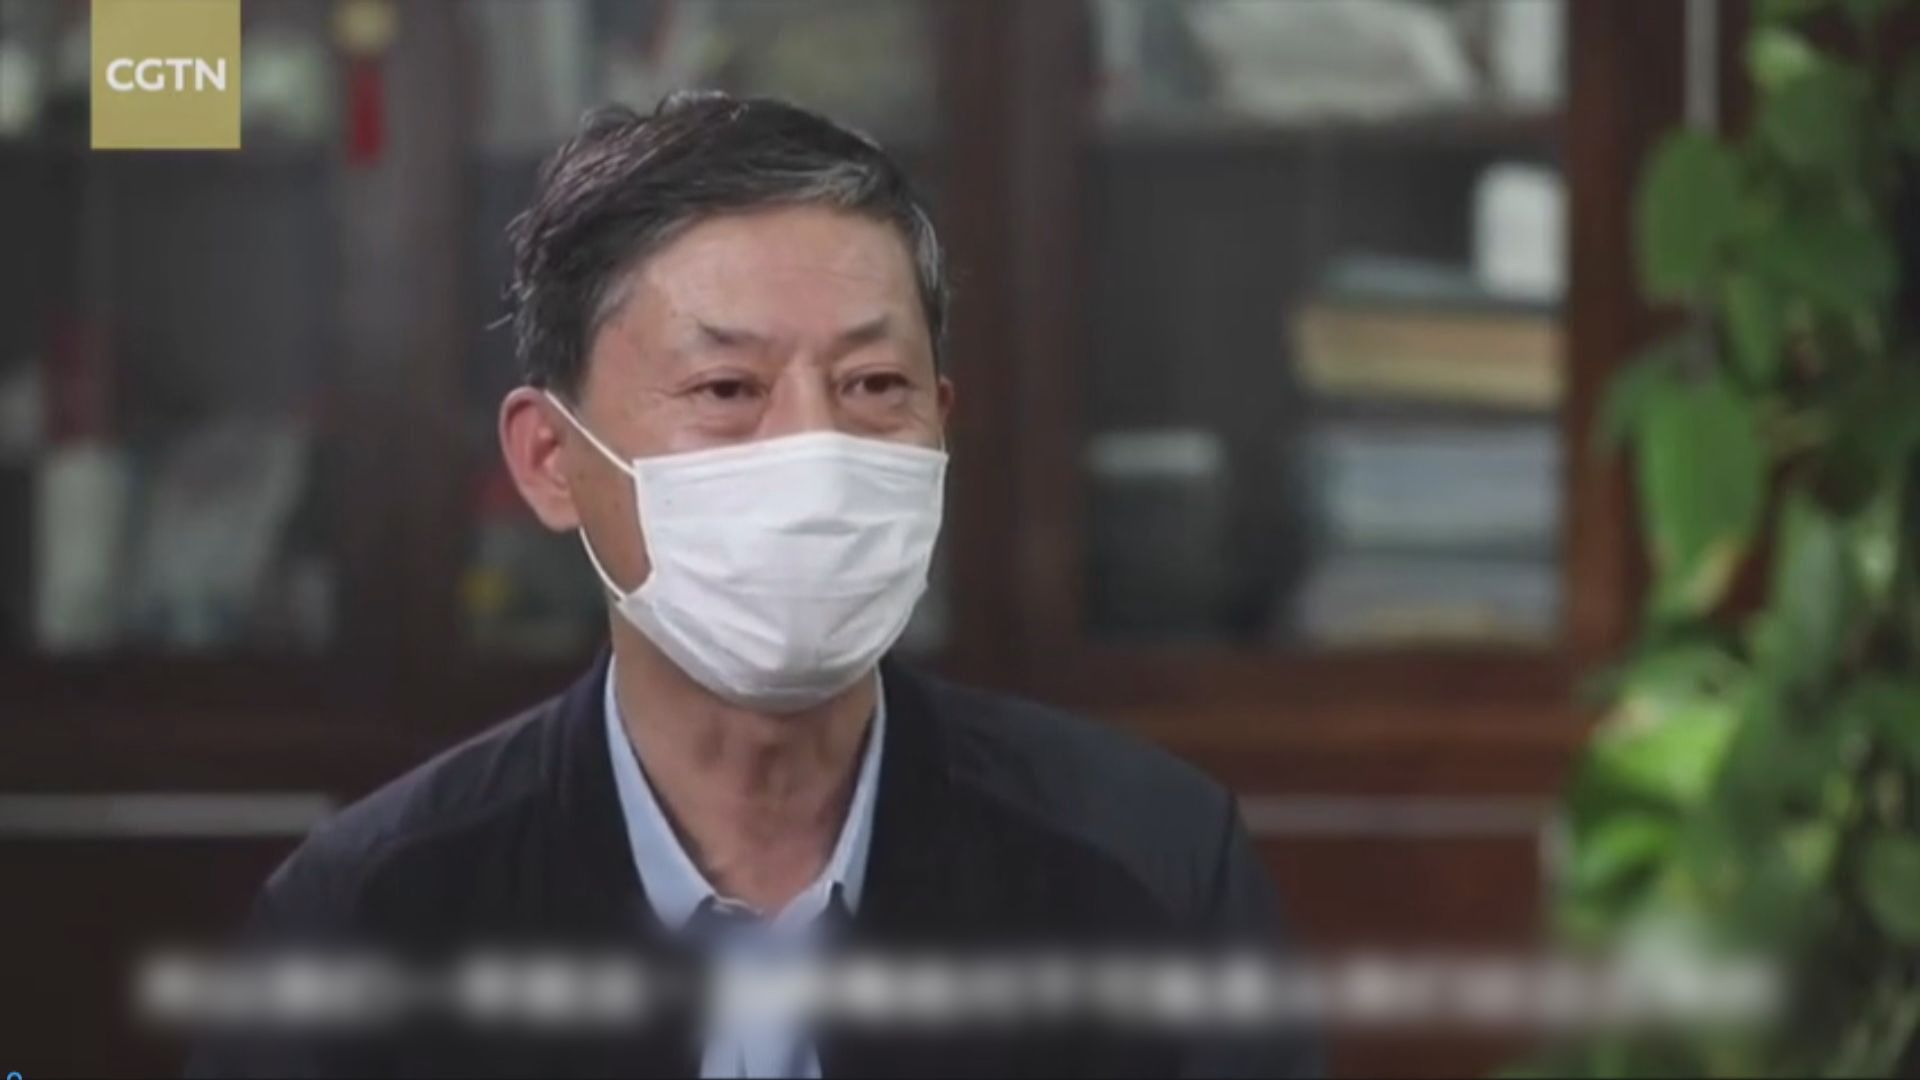 內地專家否認病毒源自武漢實驗室